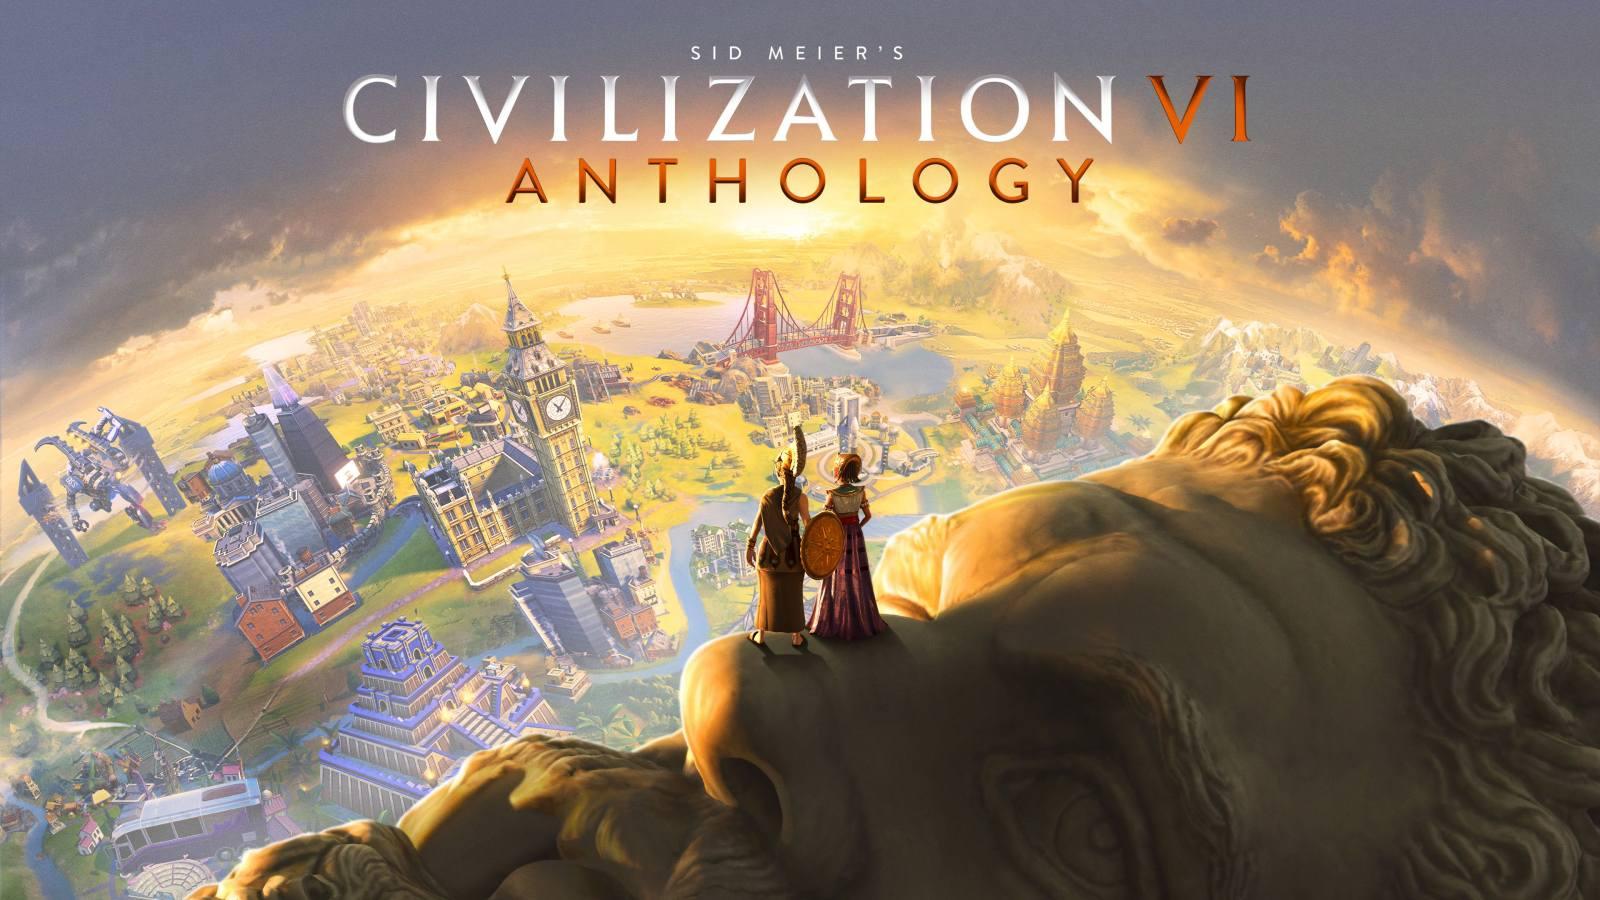 《席德·梅尔的文明VI 典藏版》将于6月11日登陆PC平台